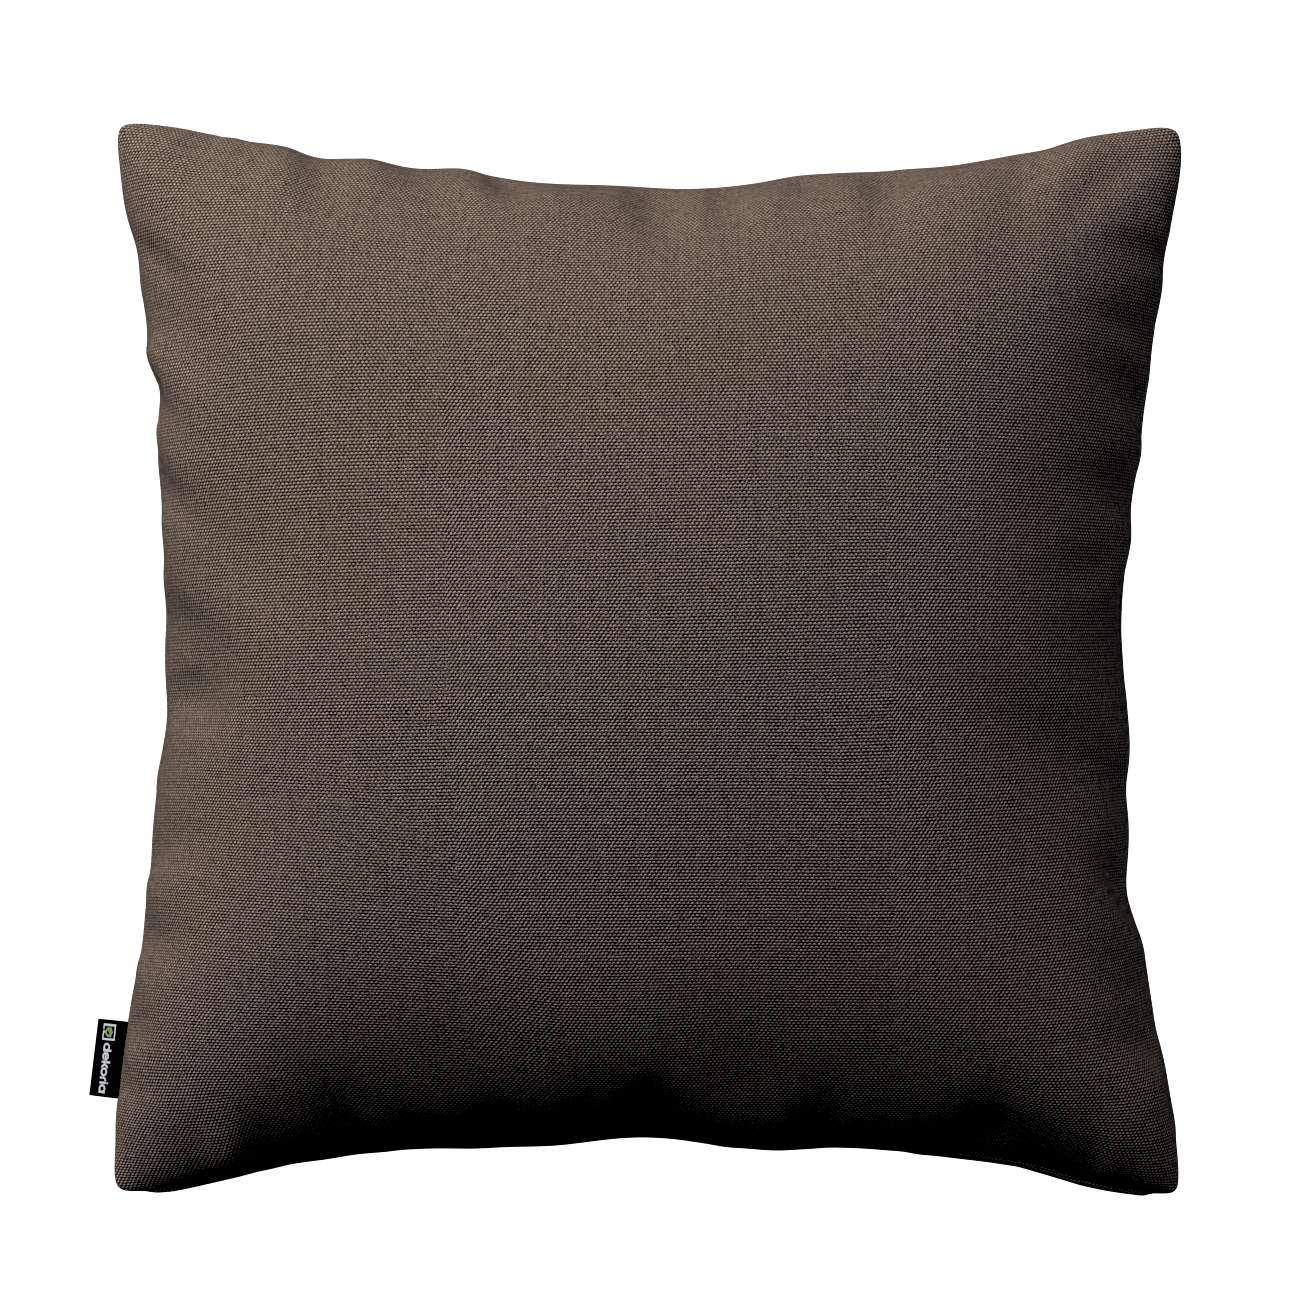 Putetrekk<br/>Kinga fra kolleksjonen Etna - Ikke for gardiner, Stoffets bredde: 705-08